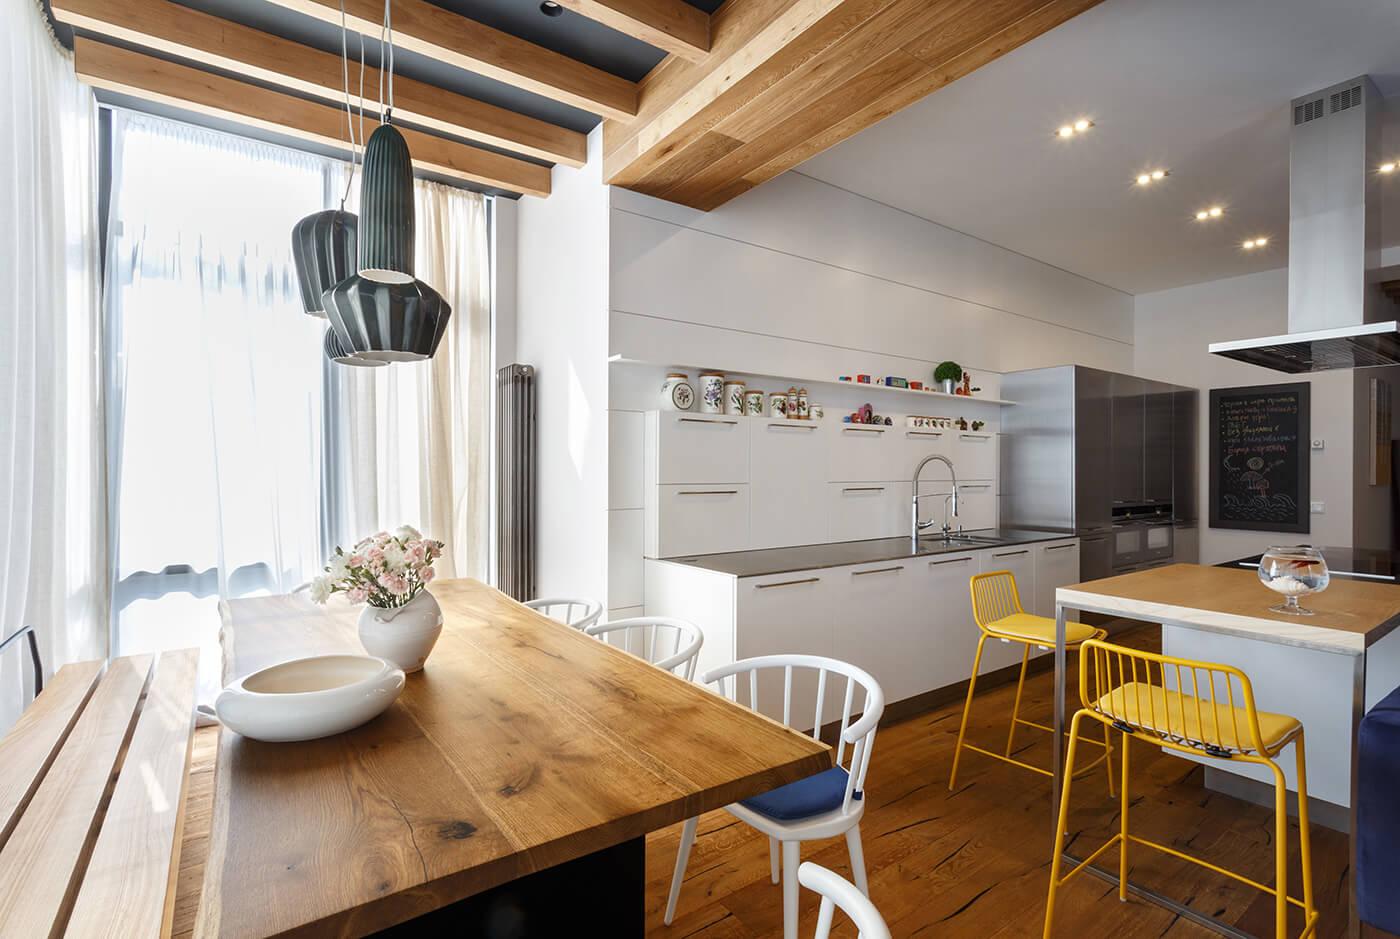 apartament-v-ukraina-s-kreativen-interioren-dizian-5